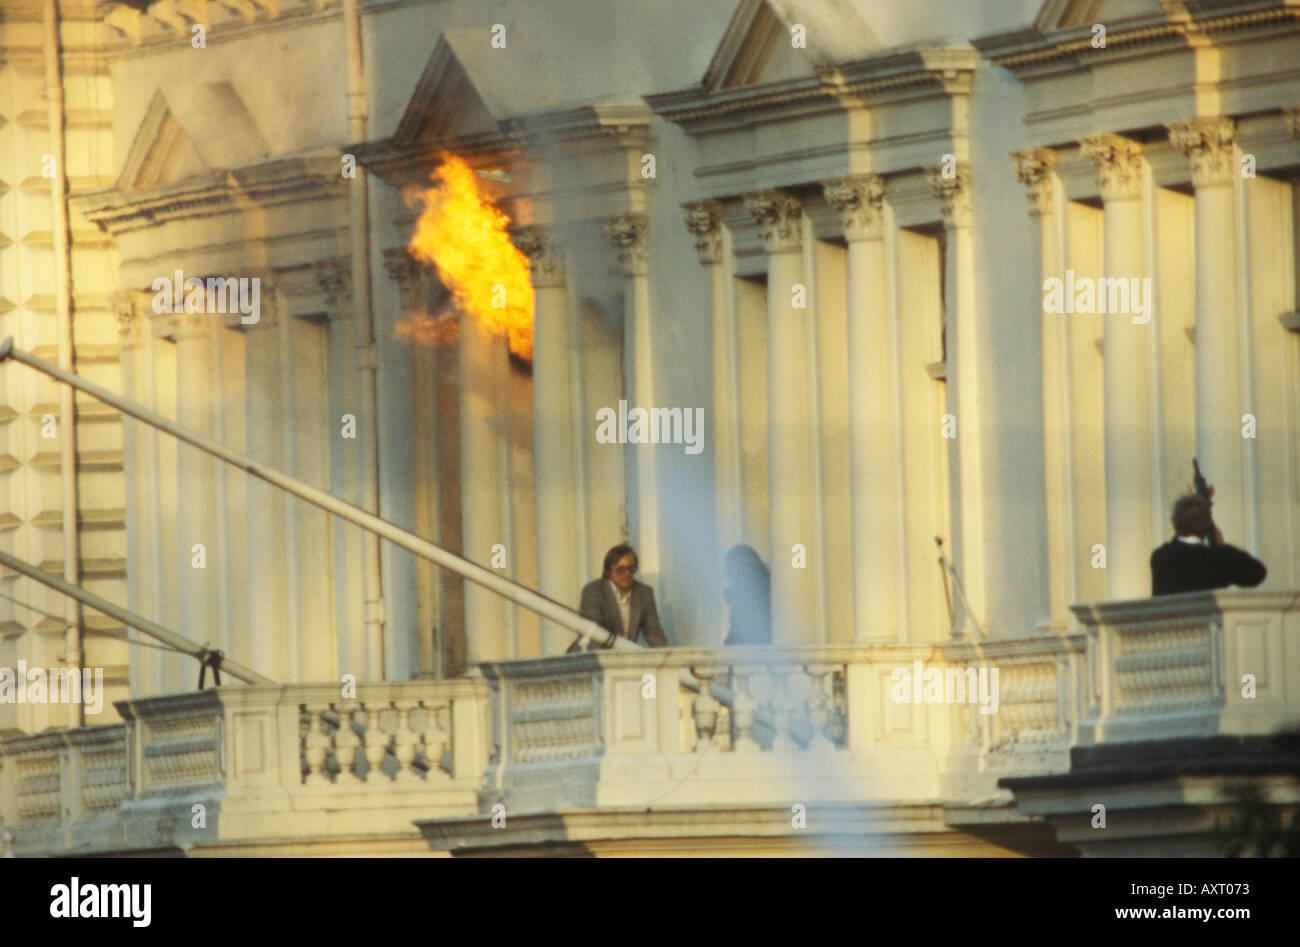 Iranische Botschaft Belagerung 5. Mai 1980 London UK 1980 s Simeon im' Harris die Flucht aus dem Gebäude. UK HOMER Stockfoto